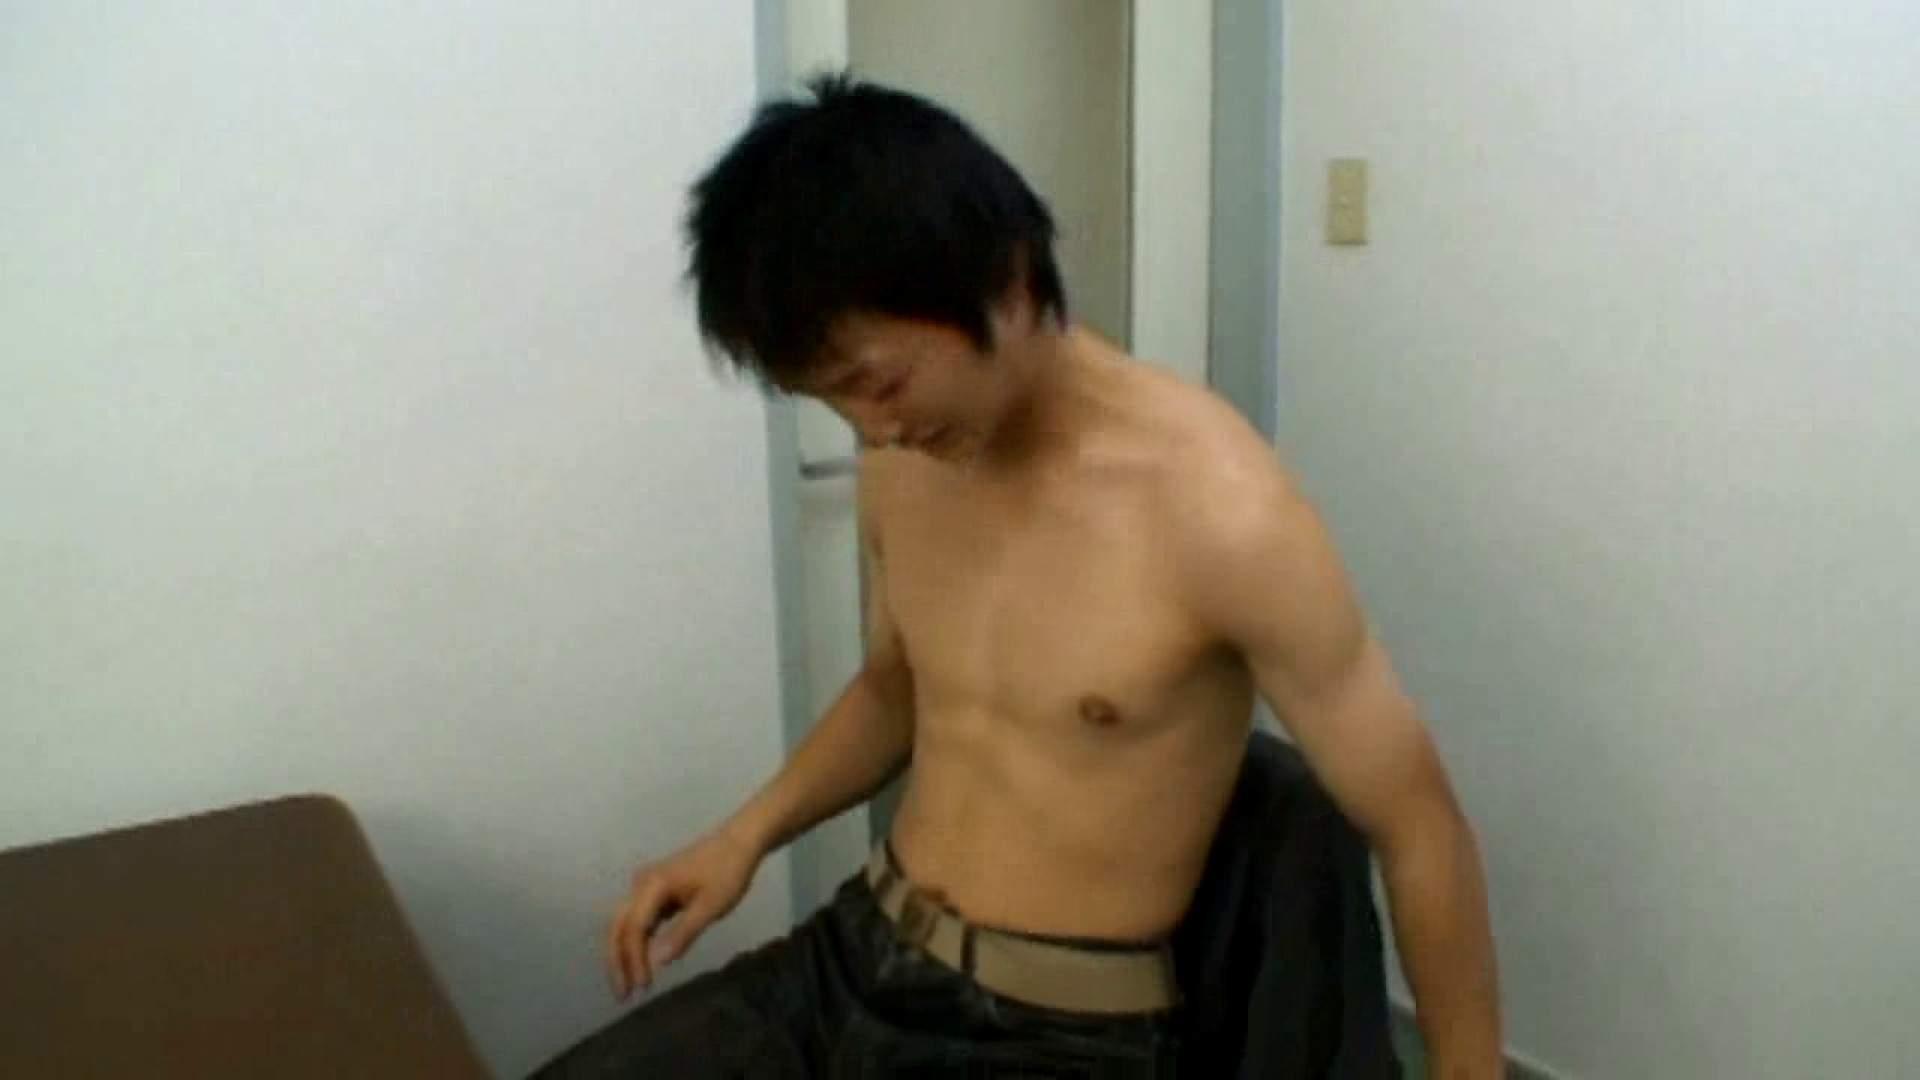 ノンケ!自慰スタジオ No.16 ノンケ達のセックス ペニス画像 91画像 48